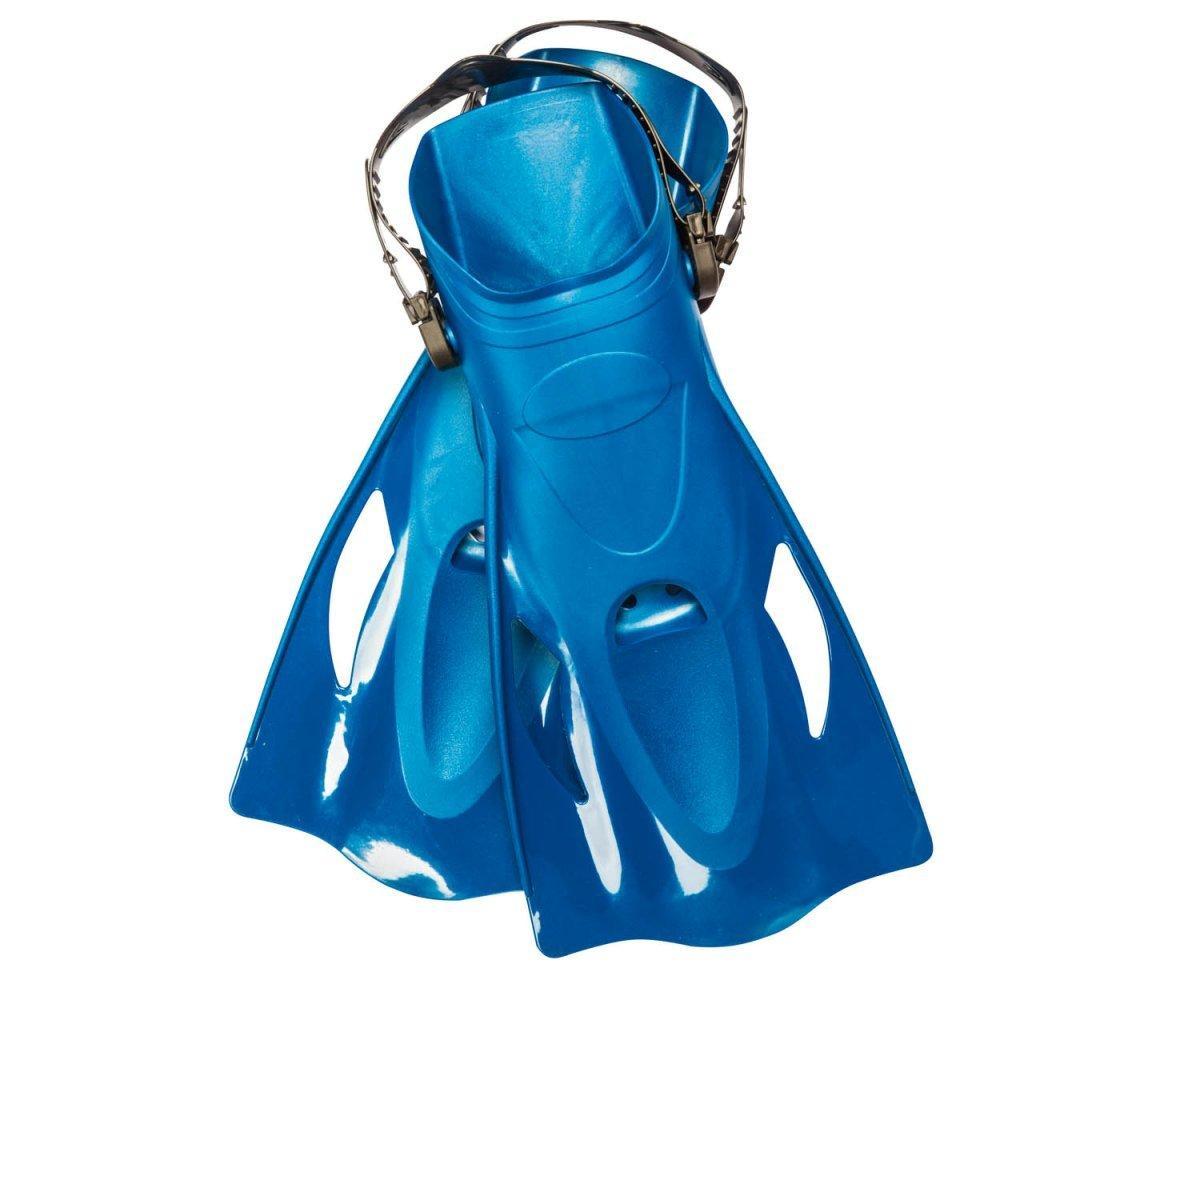 Ласты для плавания Bestway 27028, размер XXL, 42 (EU), под стопу ≈ 26.5 см, голубой